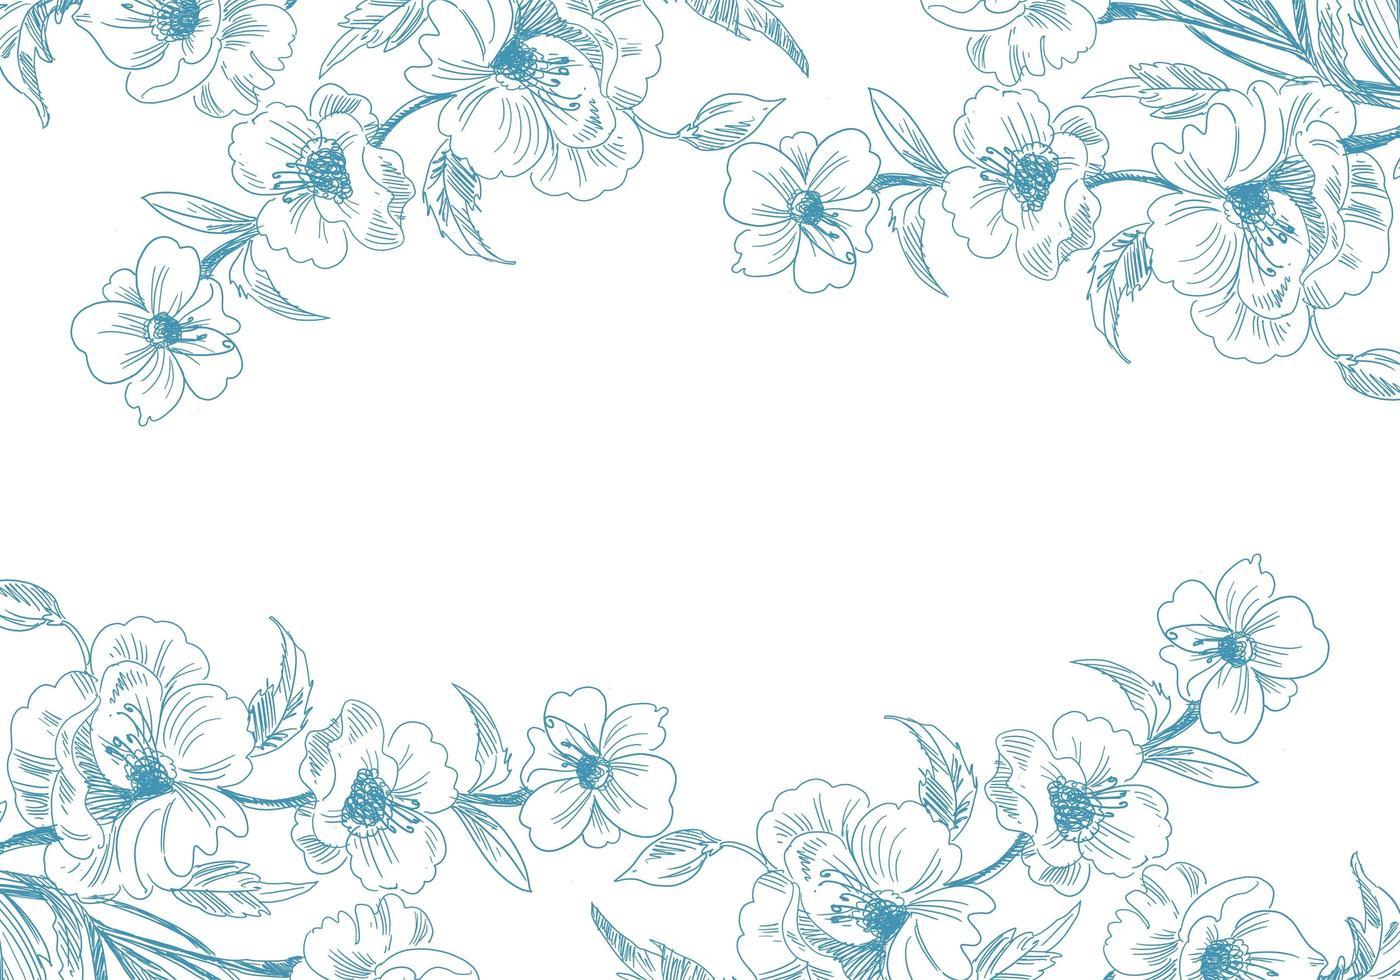 bordures florales de croquis bleu vecteur